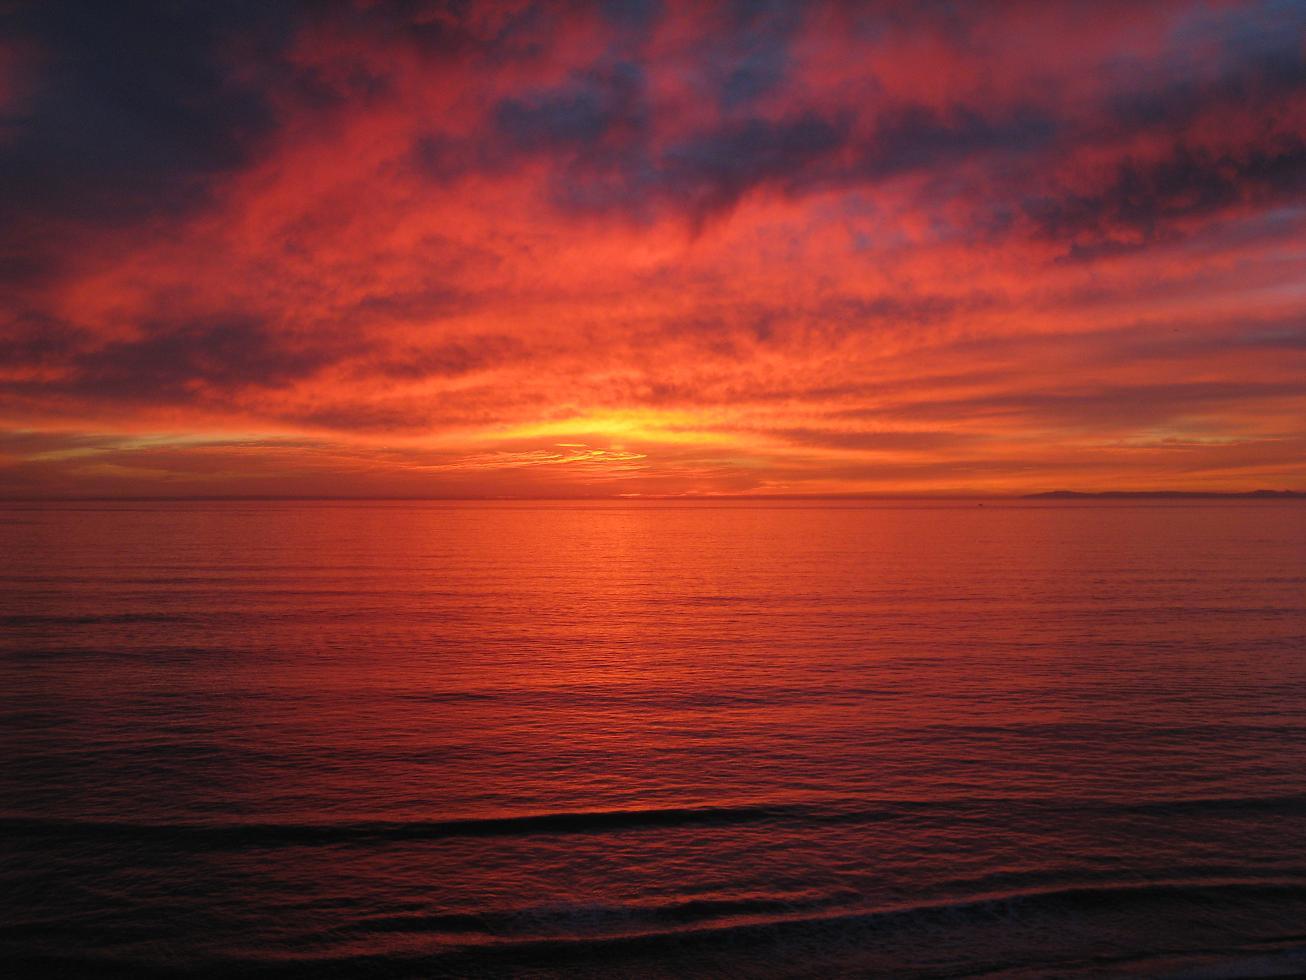 Sunset Coast: Sunset Coasting Sunday Sunset Beach